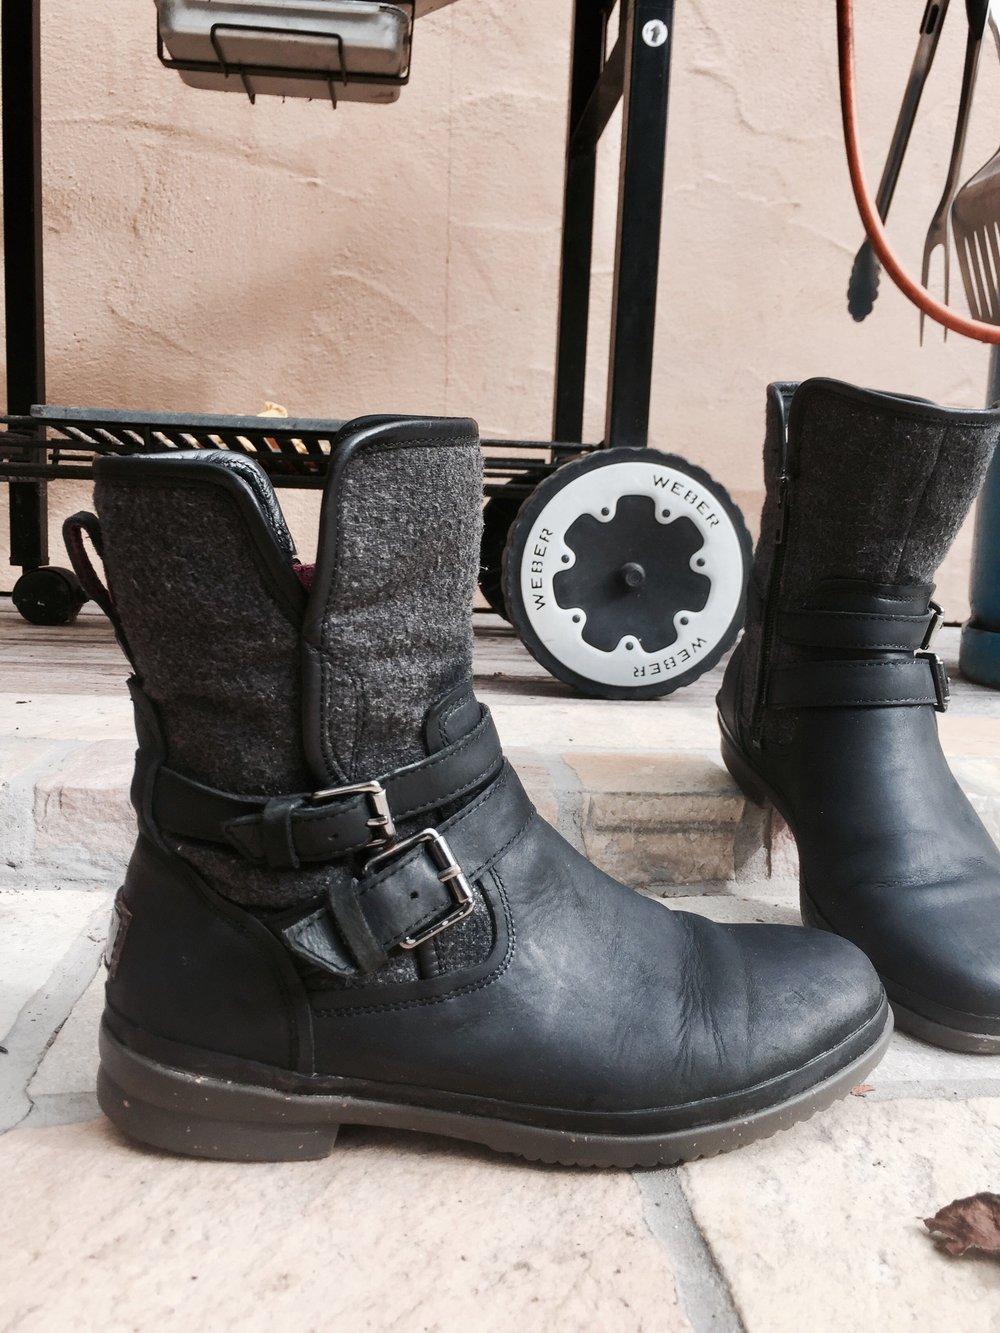 ugg australia wasserfeste ugg boots schwarz leder. Black Bedroom Furniture Sets. Home Design Ideas